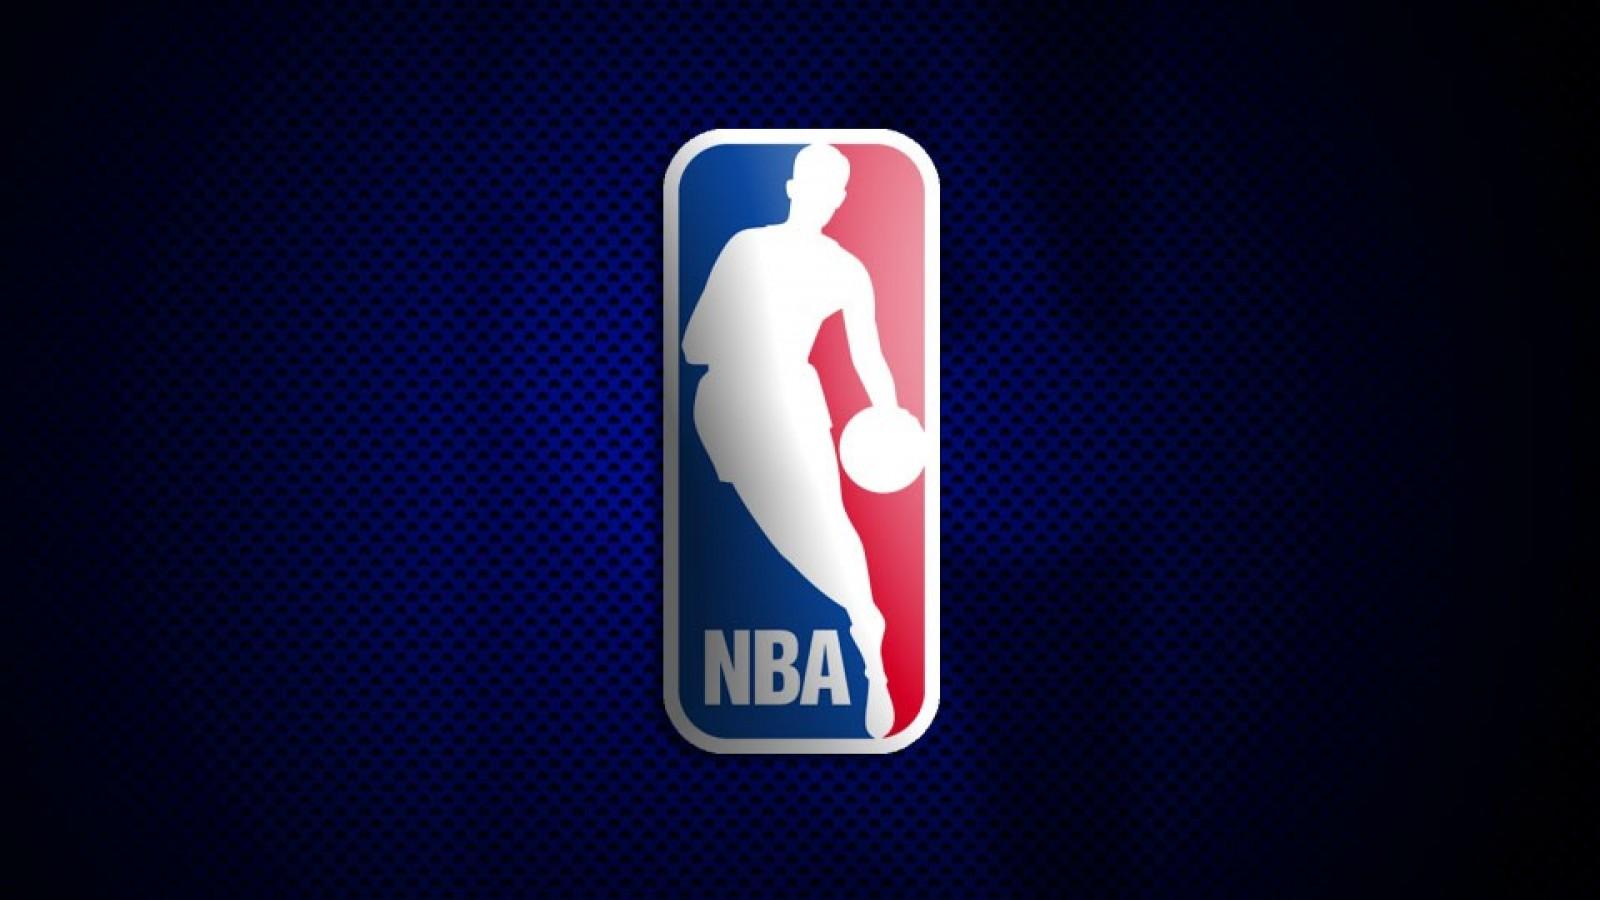 NBA Logo Blue wallpaper HD desktop background 2016 in category 1600x900